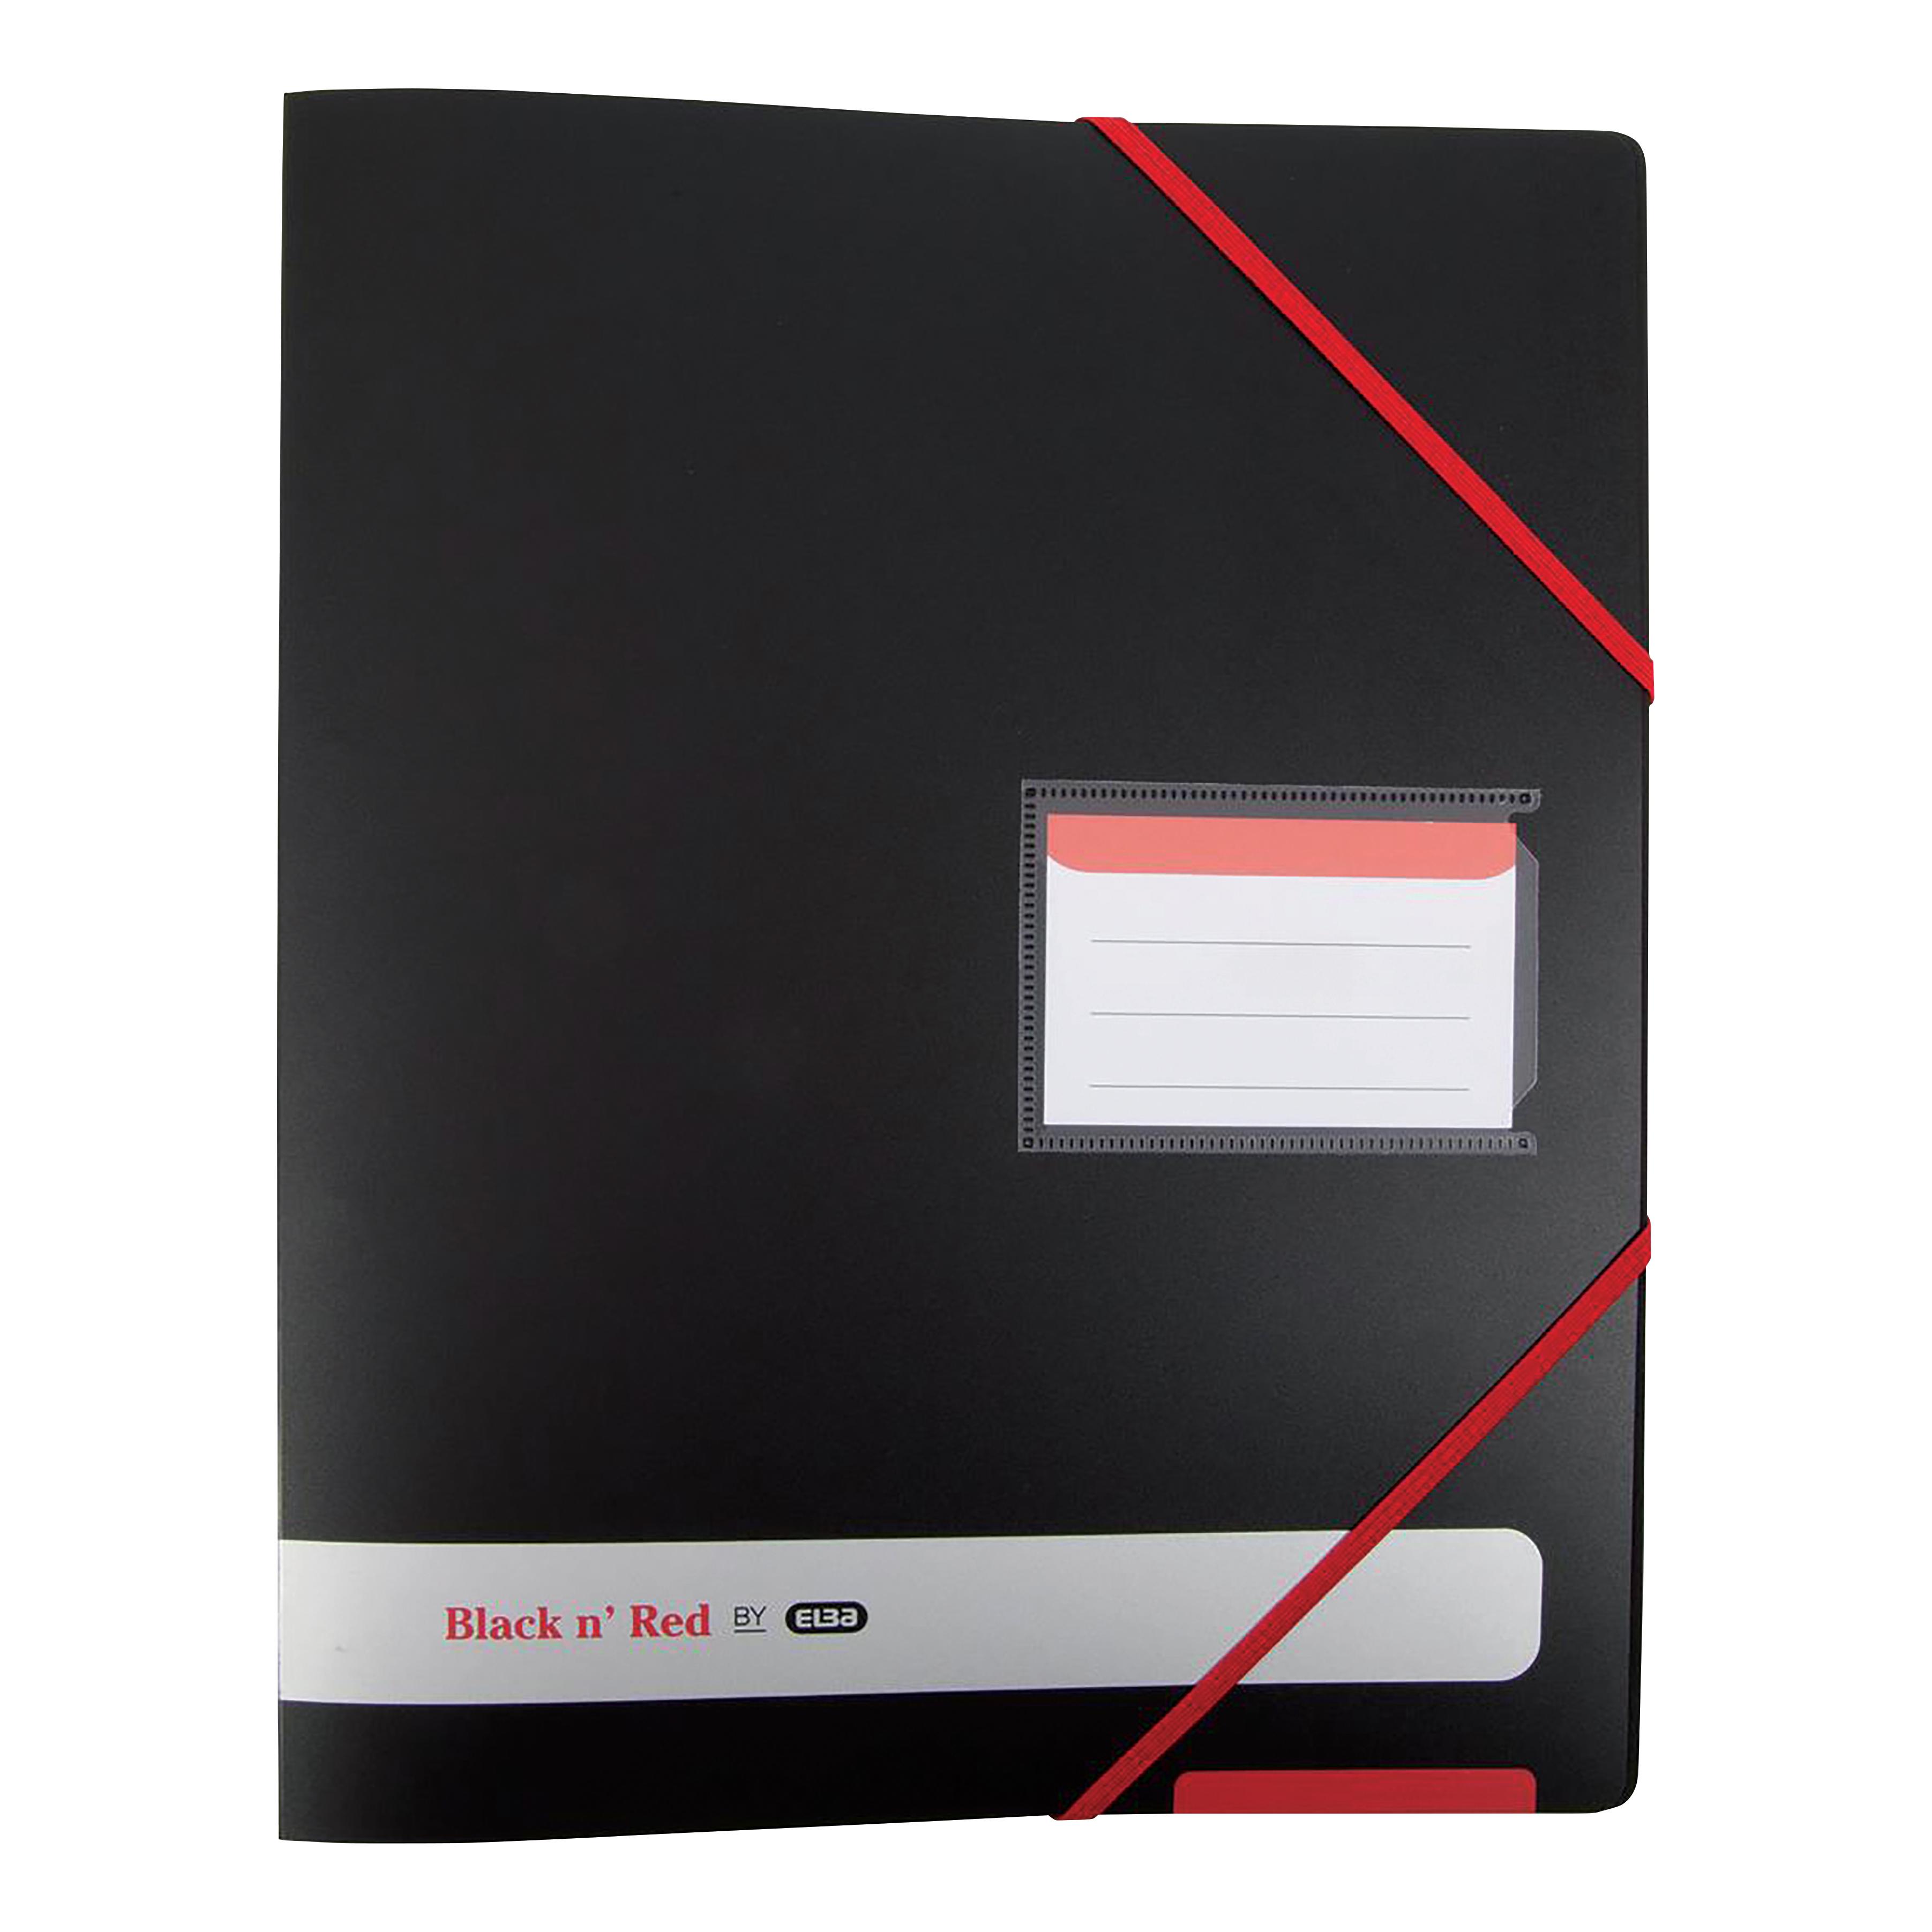 Black n Red by Elba Ring Binder 16mm Capacity PP 4 O-Rings A4 Black Ref 400078863